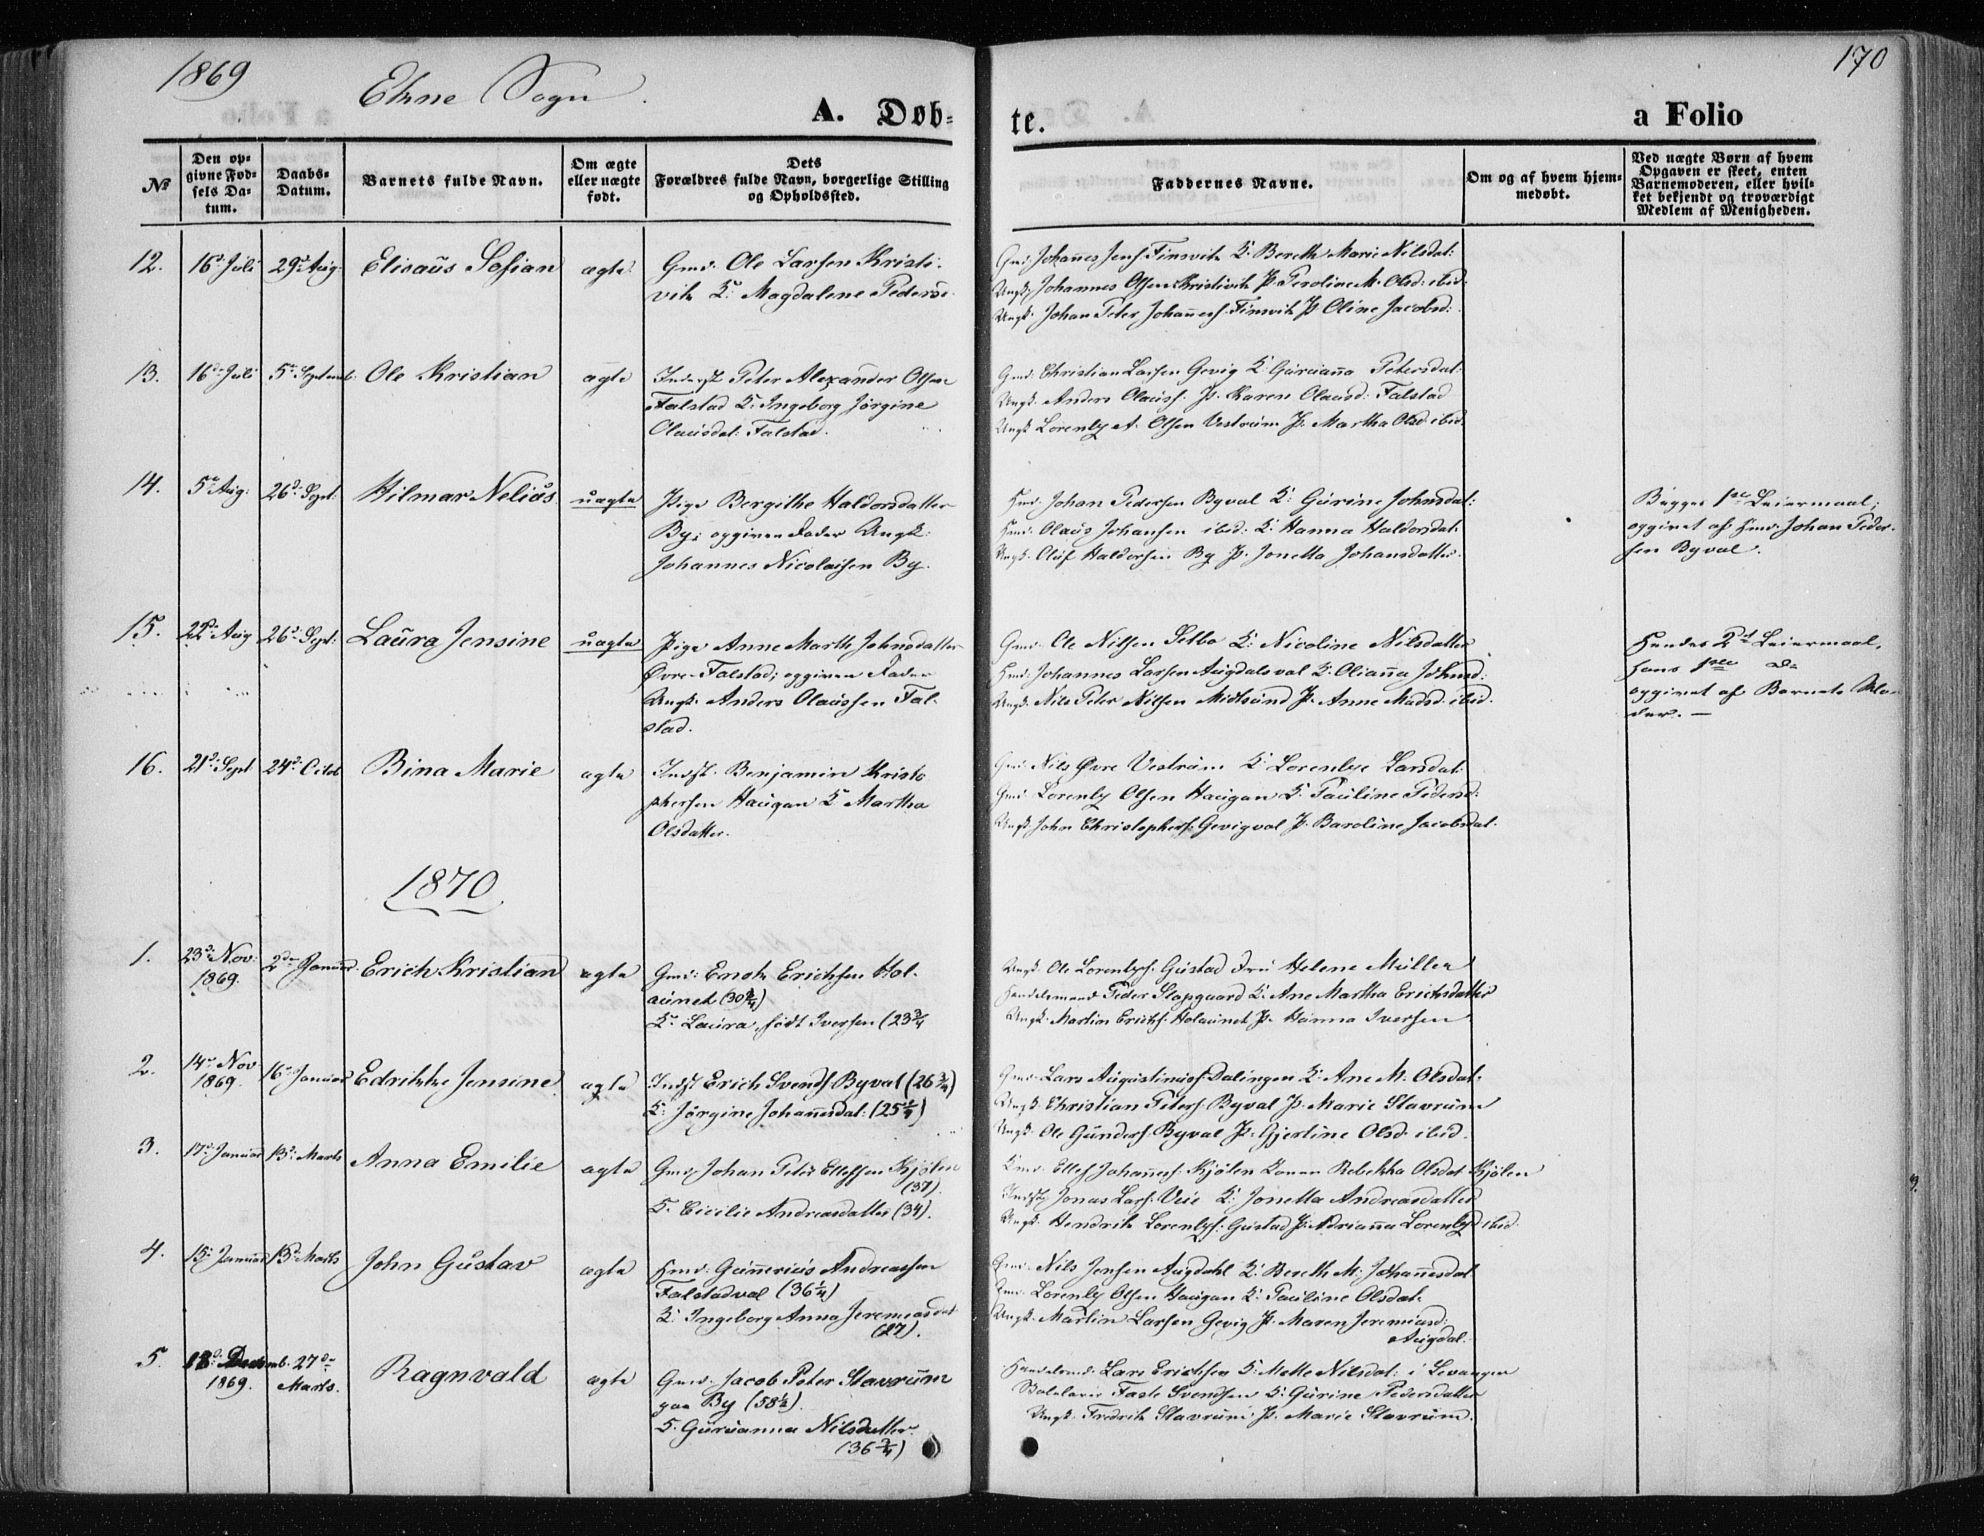 SAT, Ministerialprotokoller, klokkerbøker og fødselsregistre - Nord-Trøndelag, 717/L0158: Ministerialbok nr. 717A08 /2, 1863-1877, s. 170